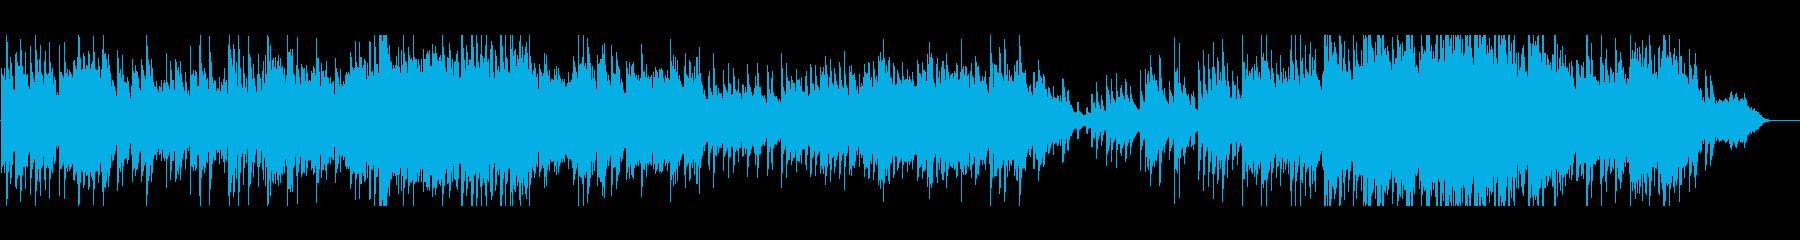 温かい陽だまり~ピアノと弦楽器のバラードの再生済みの波形